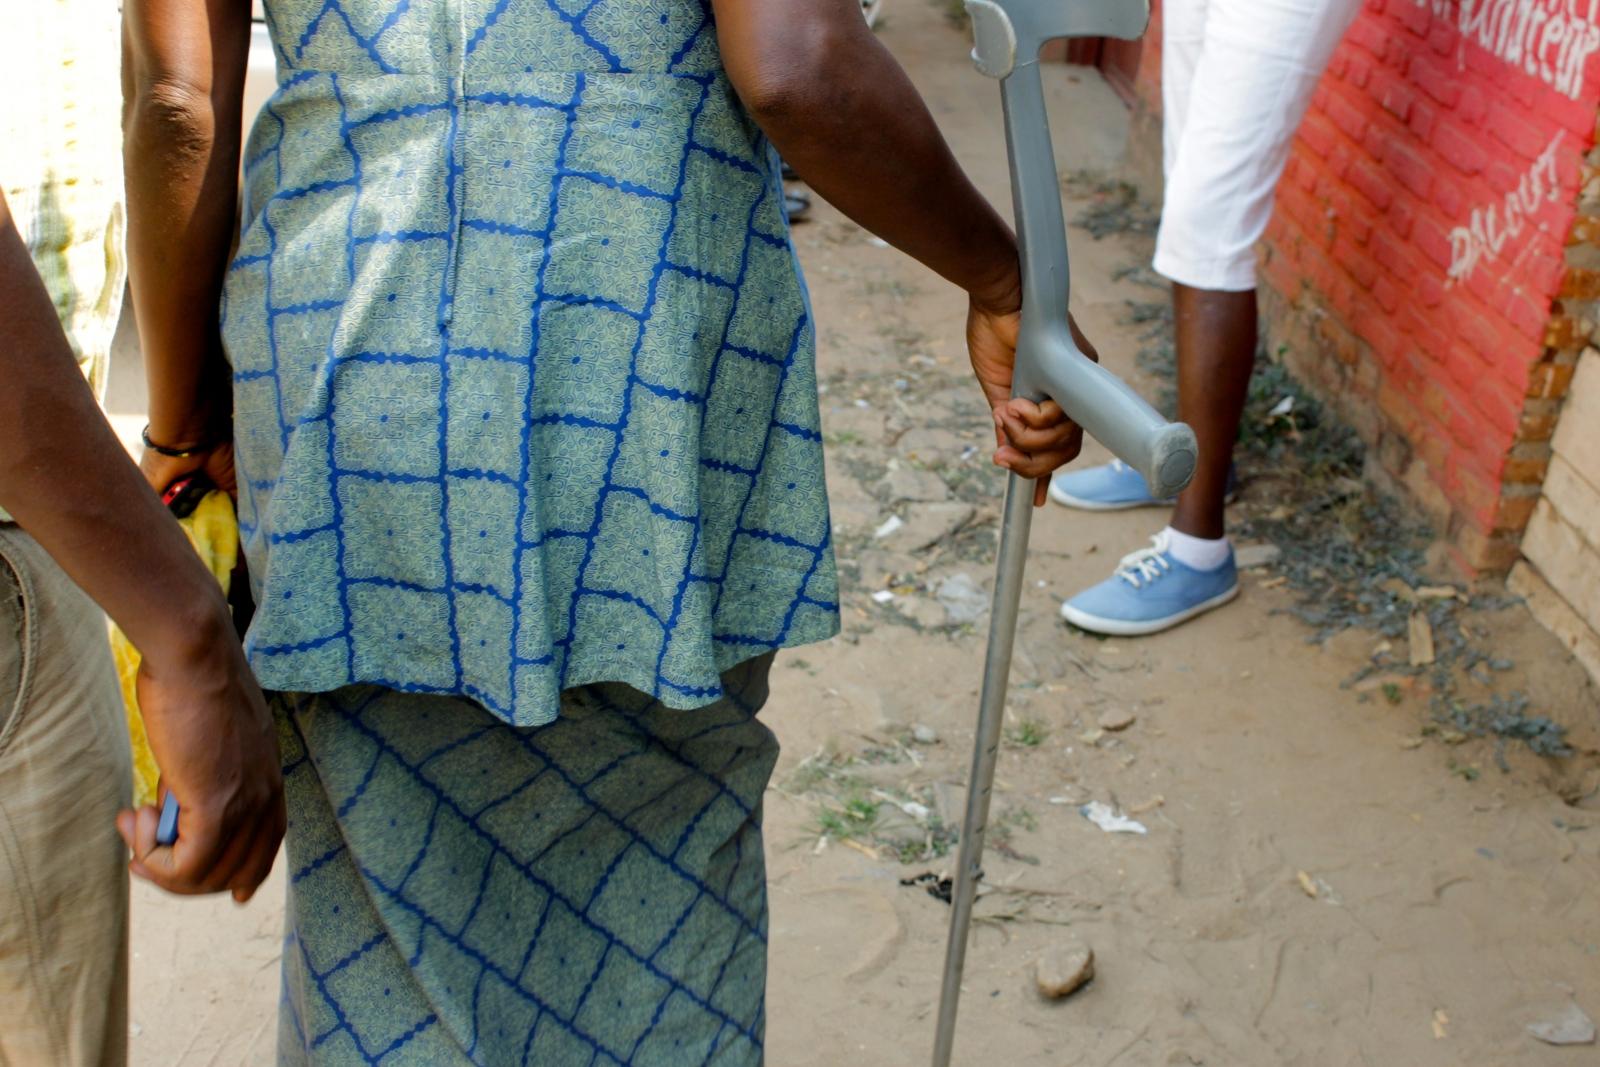 Burundi torture